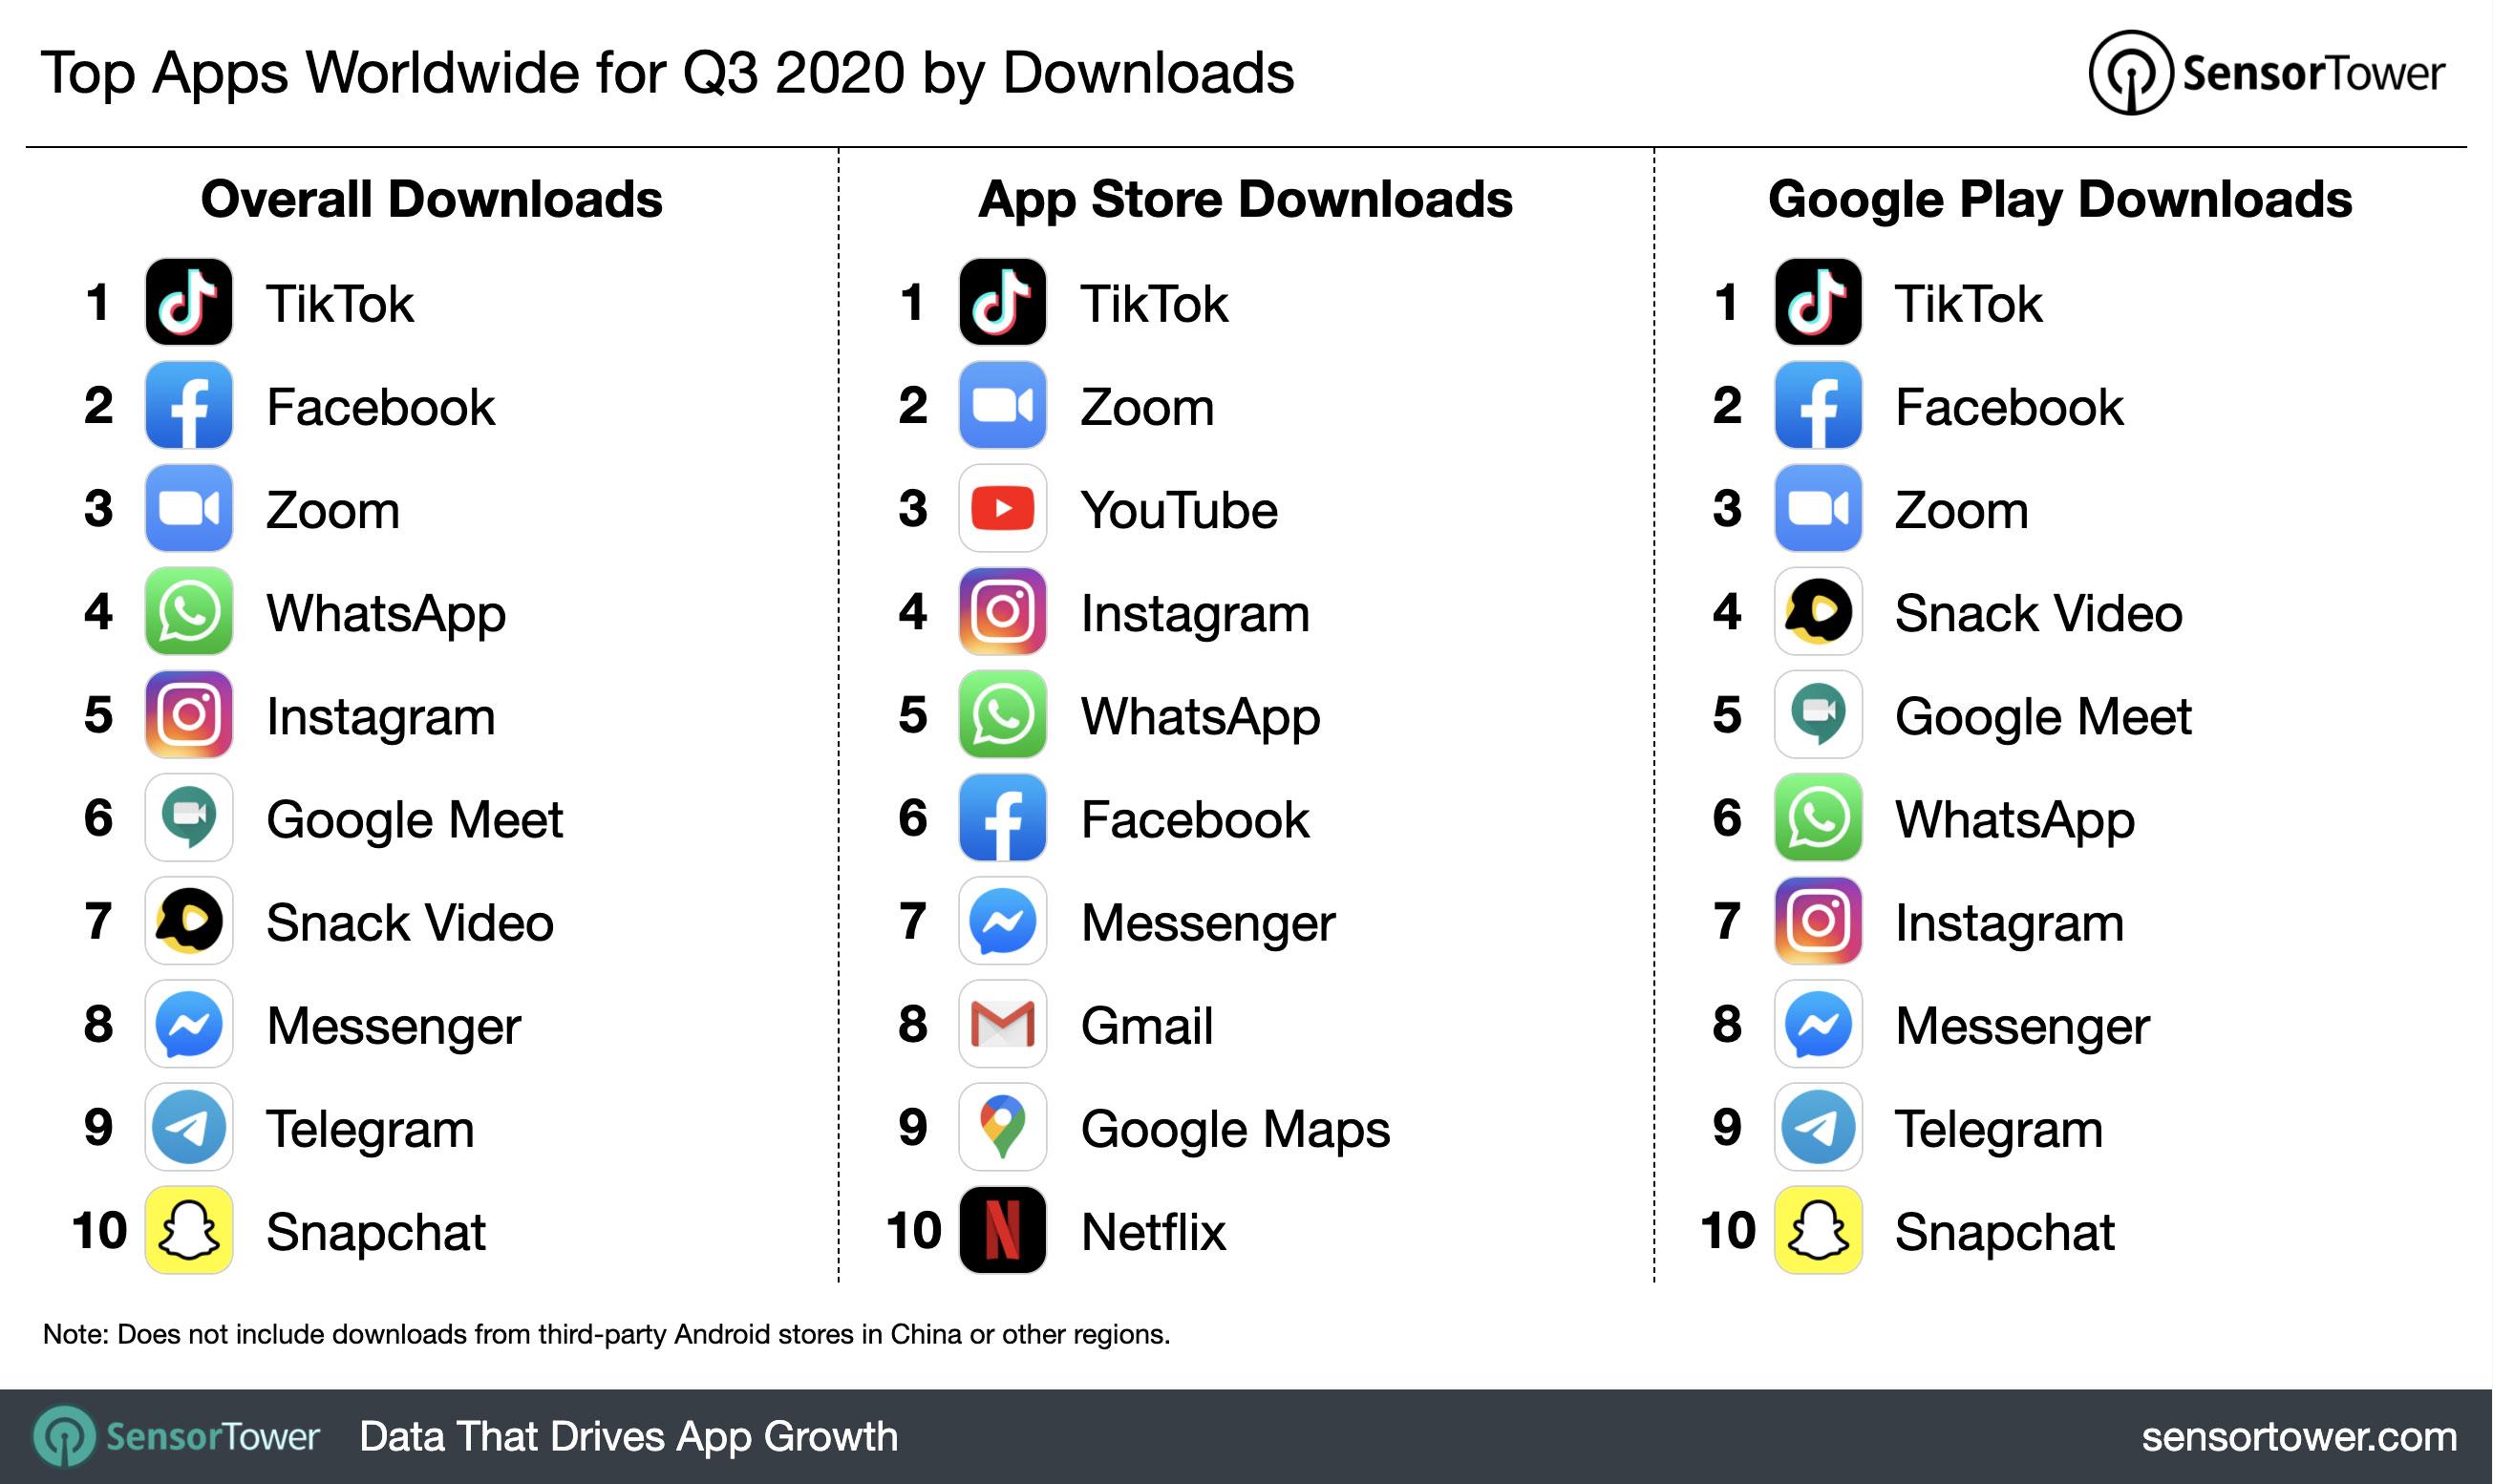 q3-2020-top-app-download-chart